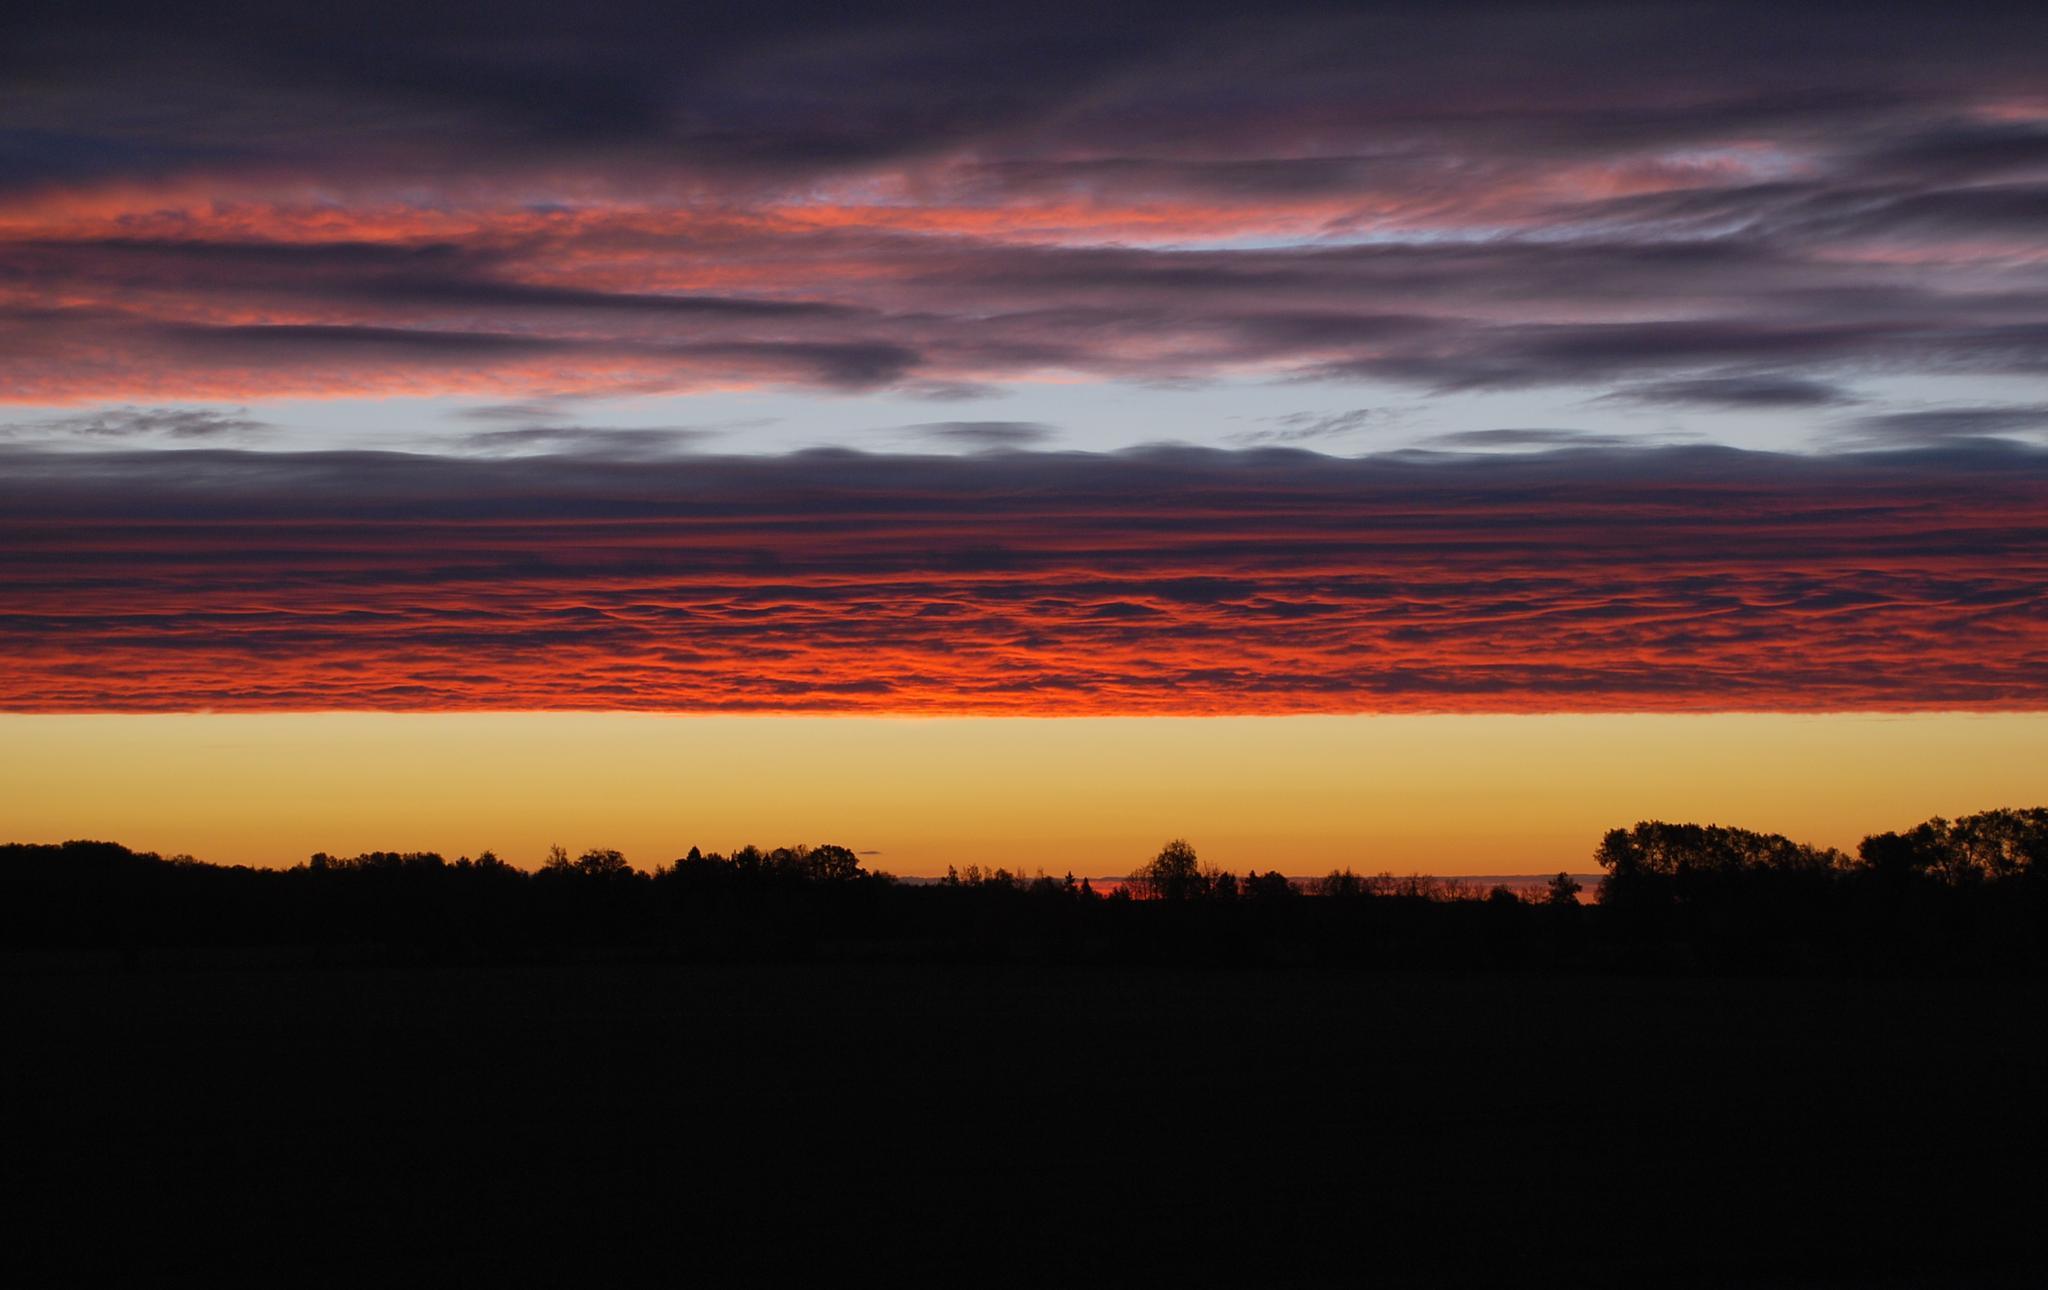 At dawn by ElenaNosik